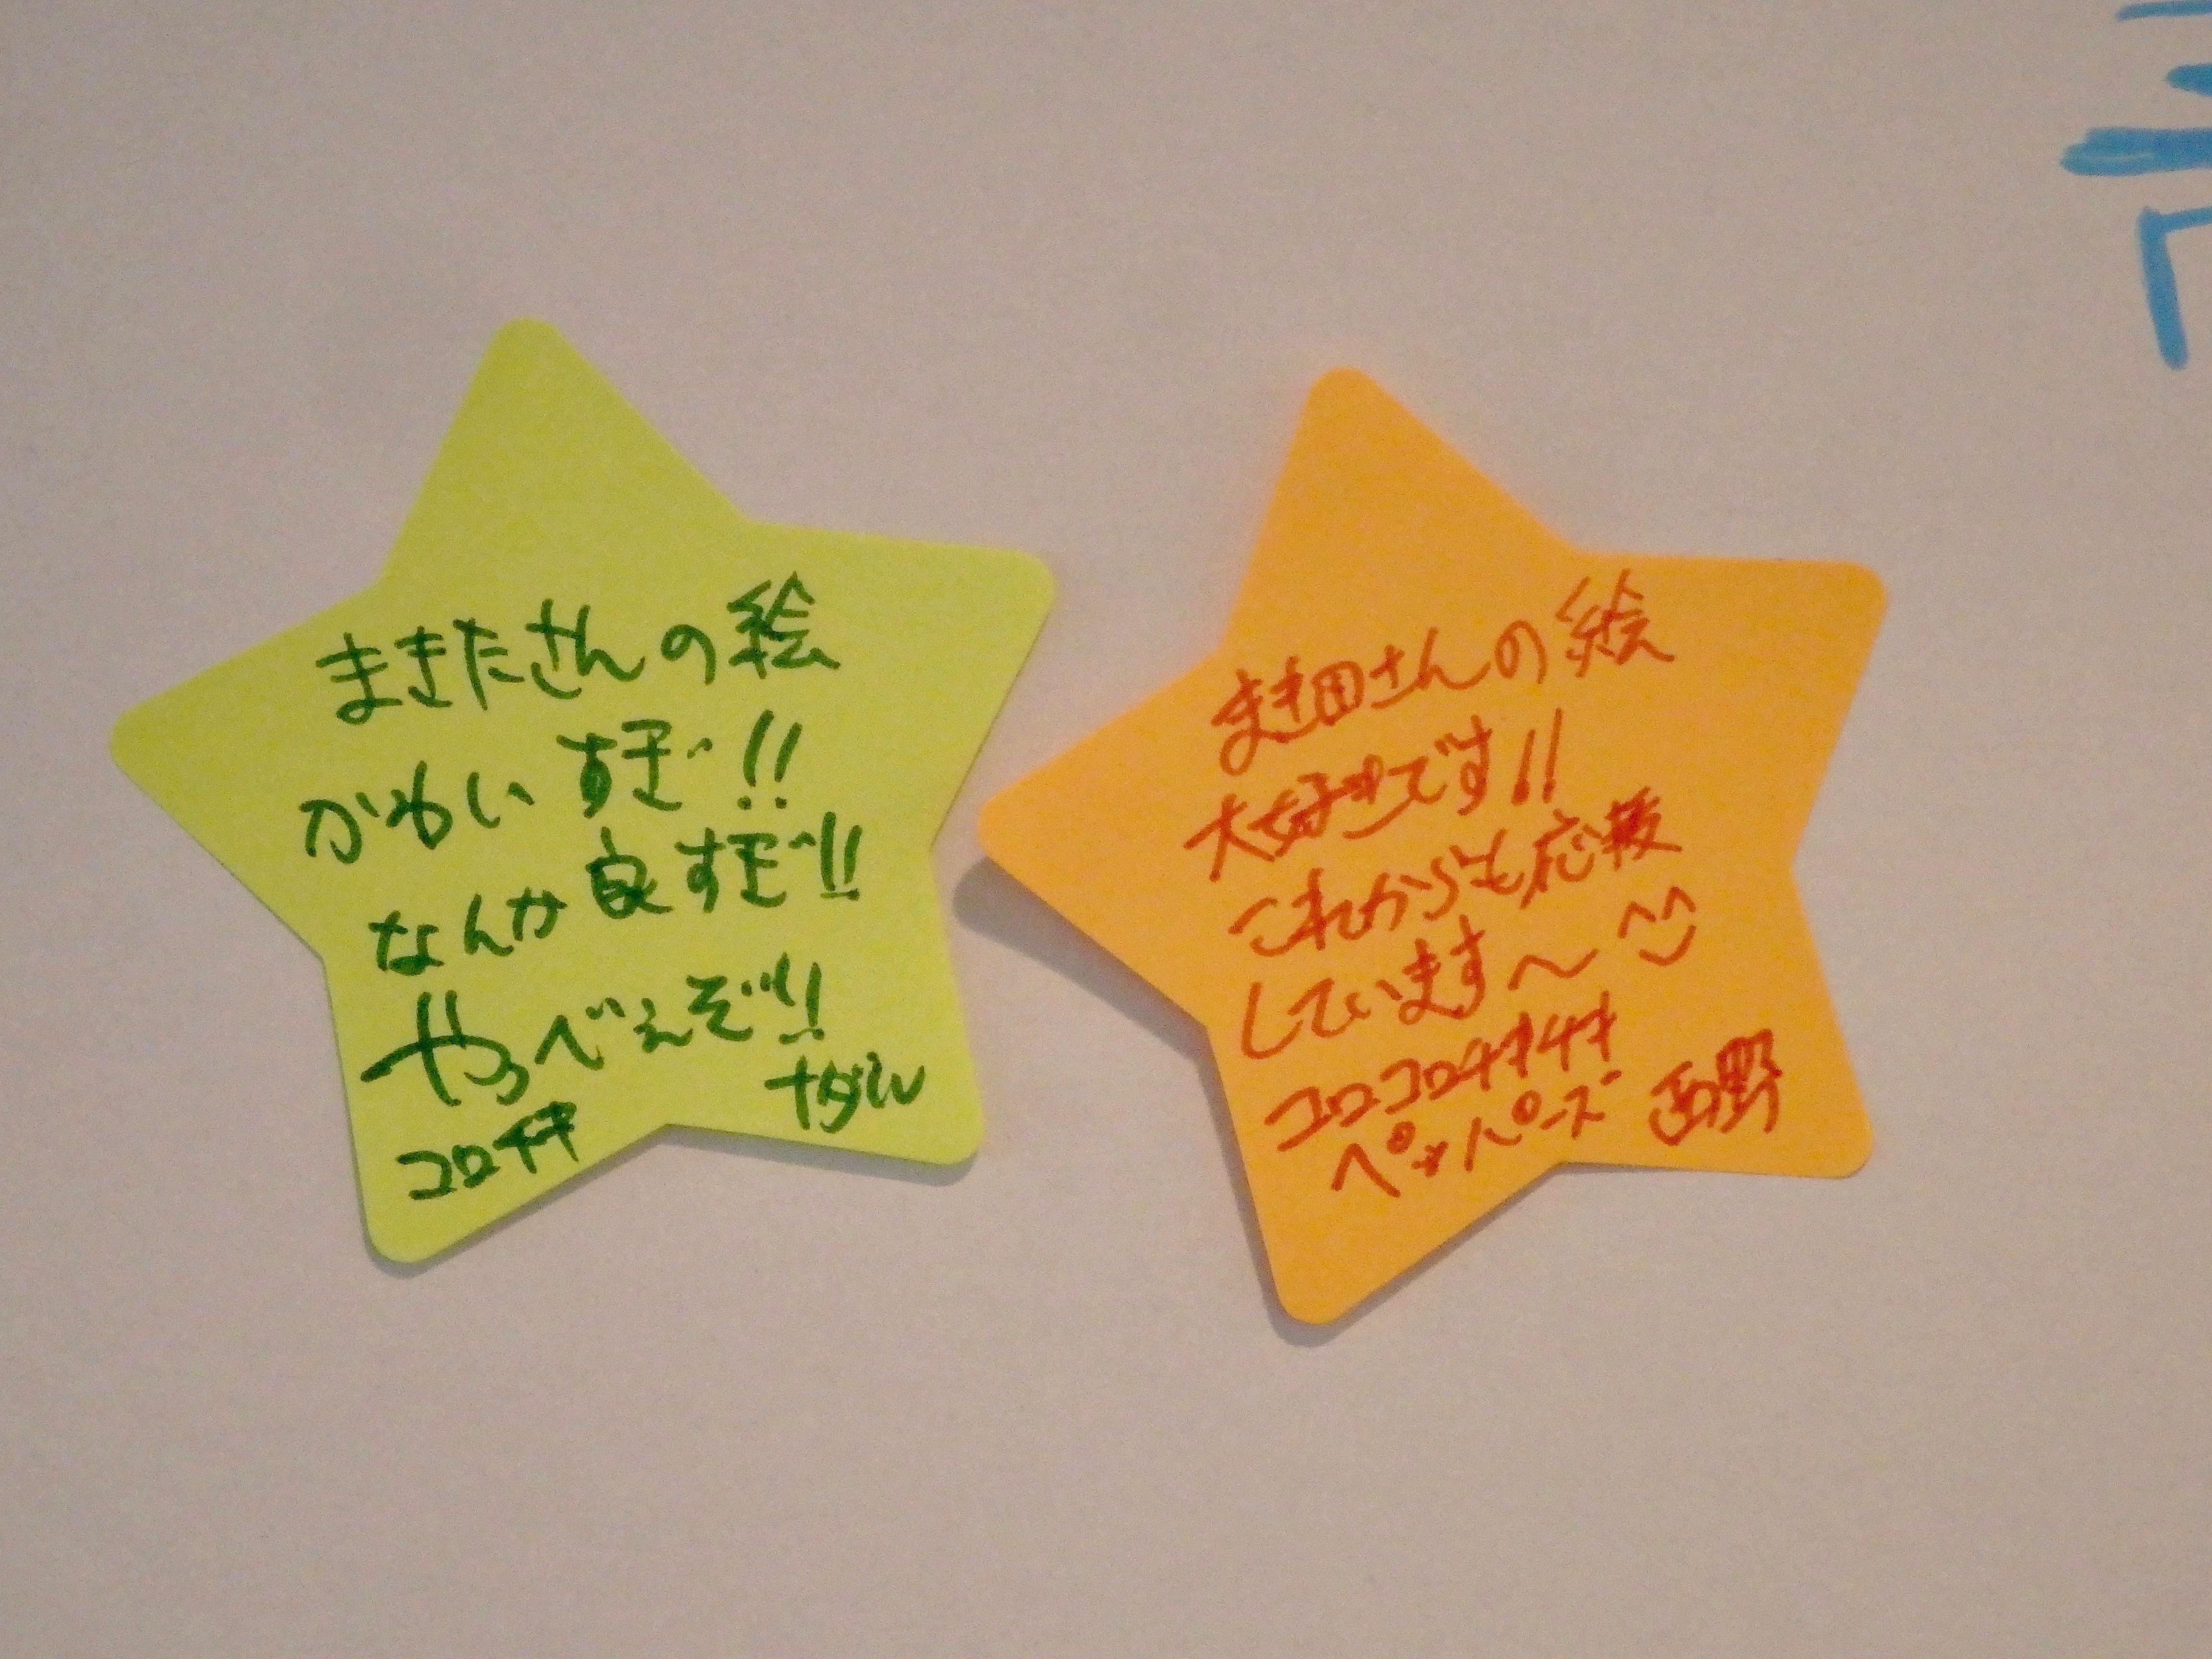 http://news.yoshimoto.co.jp/20170803183634-3af1b809dac41ccad1f7e615d3b76753de26d792.jpg